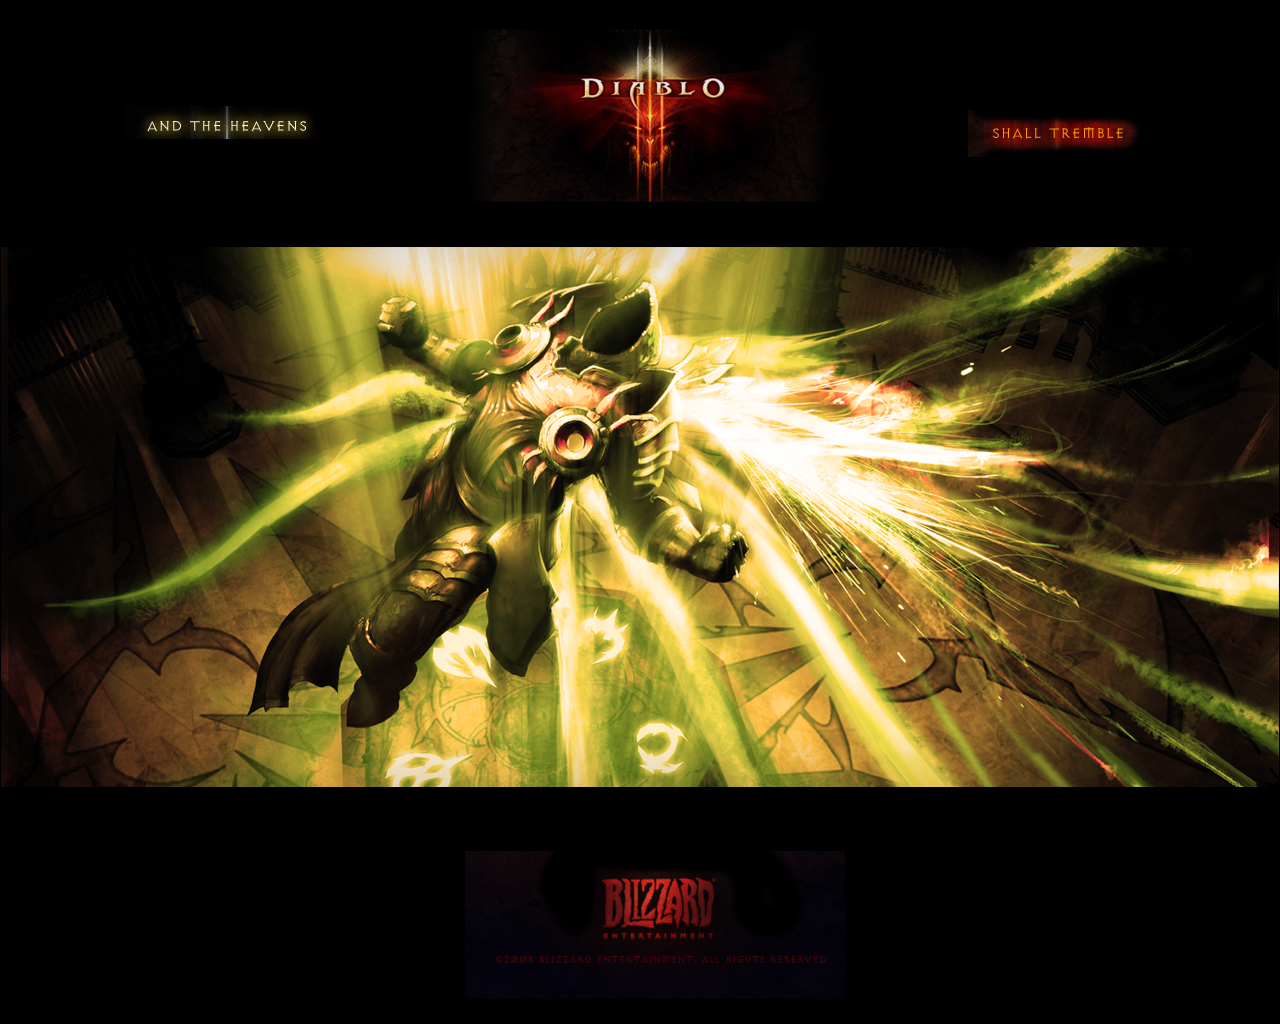 http://3.bp.blogspot.com/-uNIF50odnZ8/T9qLqF3PerI/AAAAAAAAAcU/k_qRjI4naRU/s1600/Diablo-3-Wallpaper-7.jpg